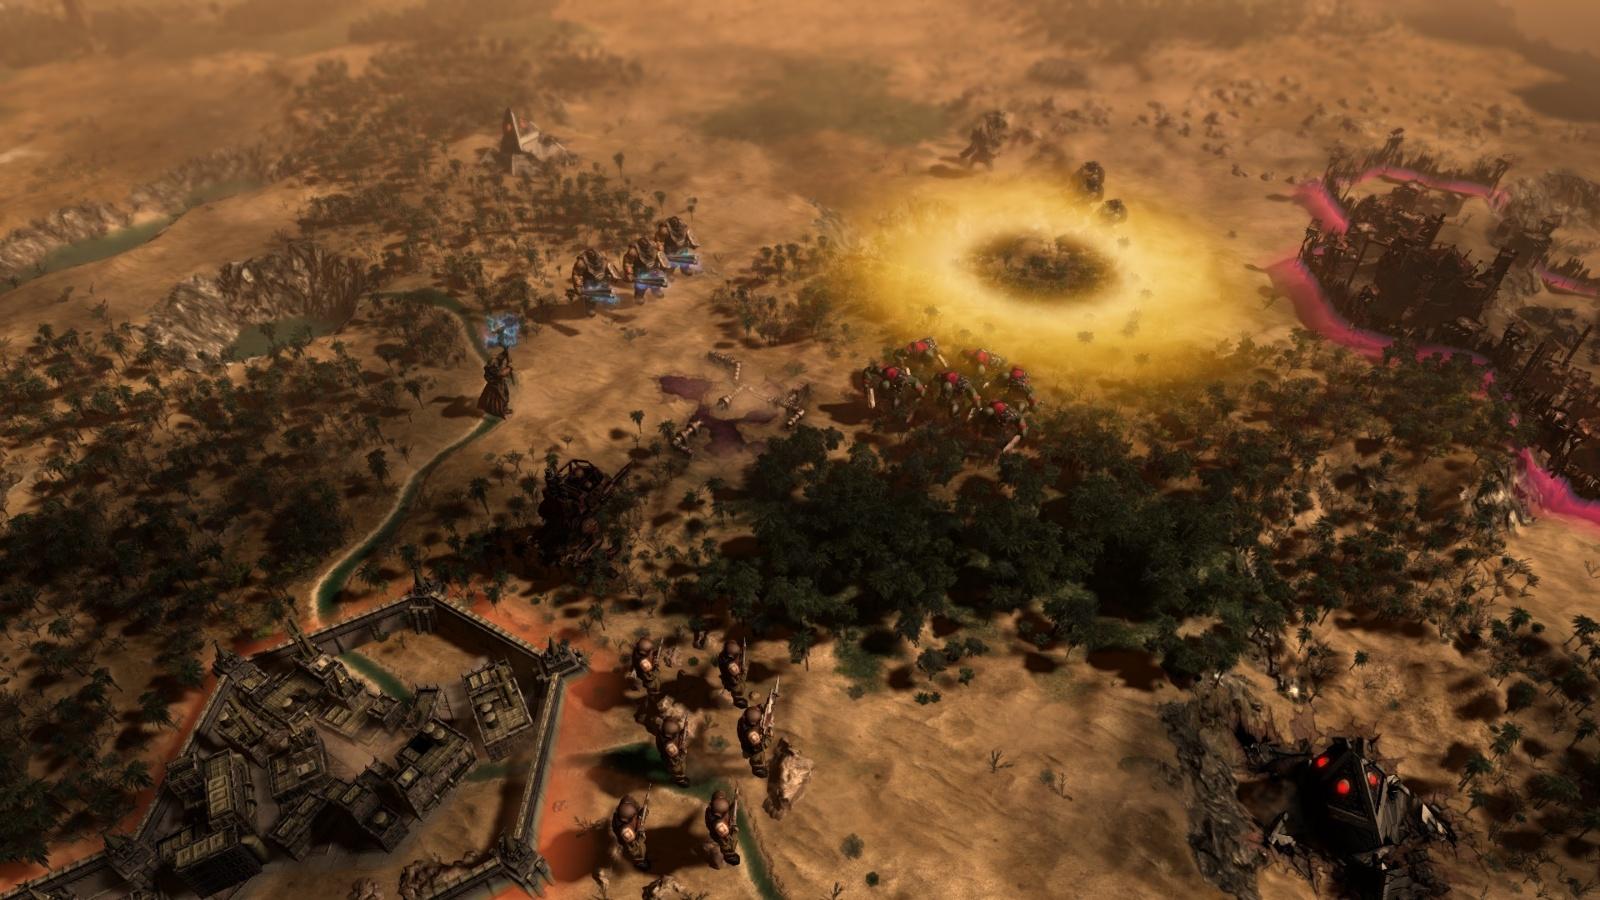 Čtyři odlišné zážitky slibuje 4X strategie ze světa Warhammeru 40,000 153194